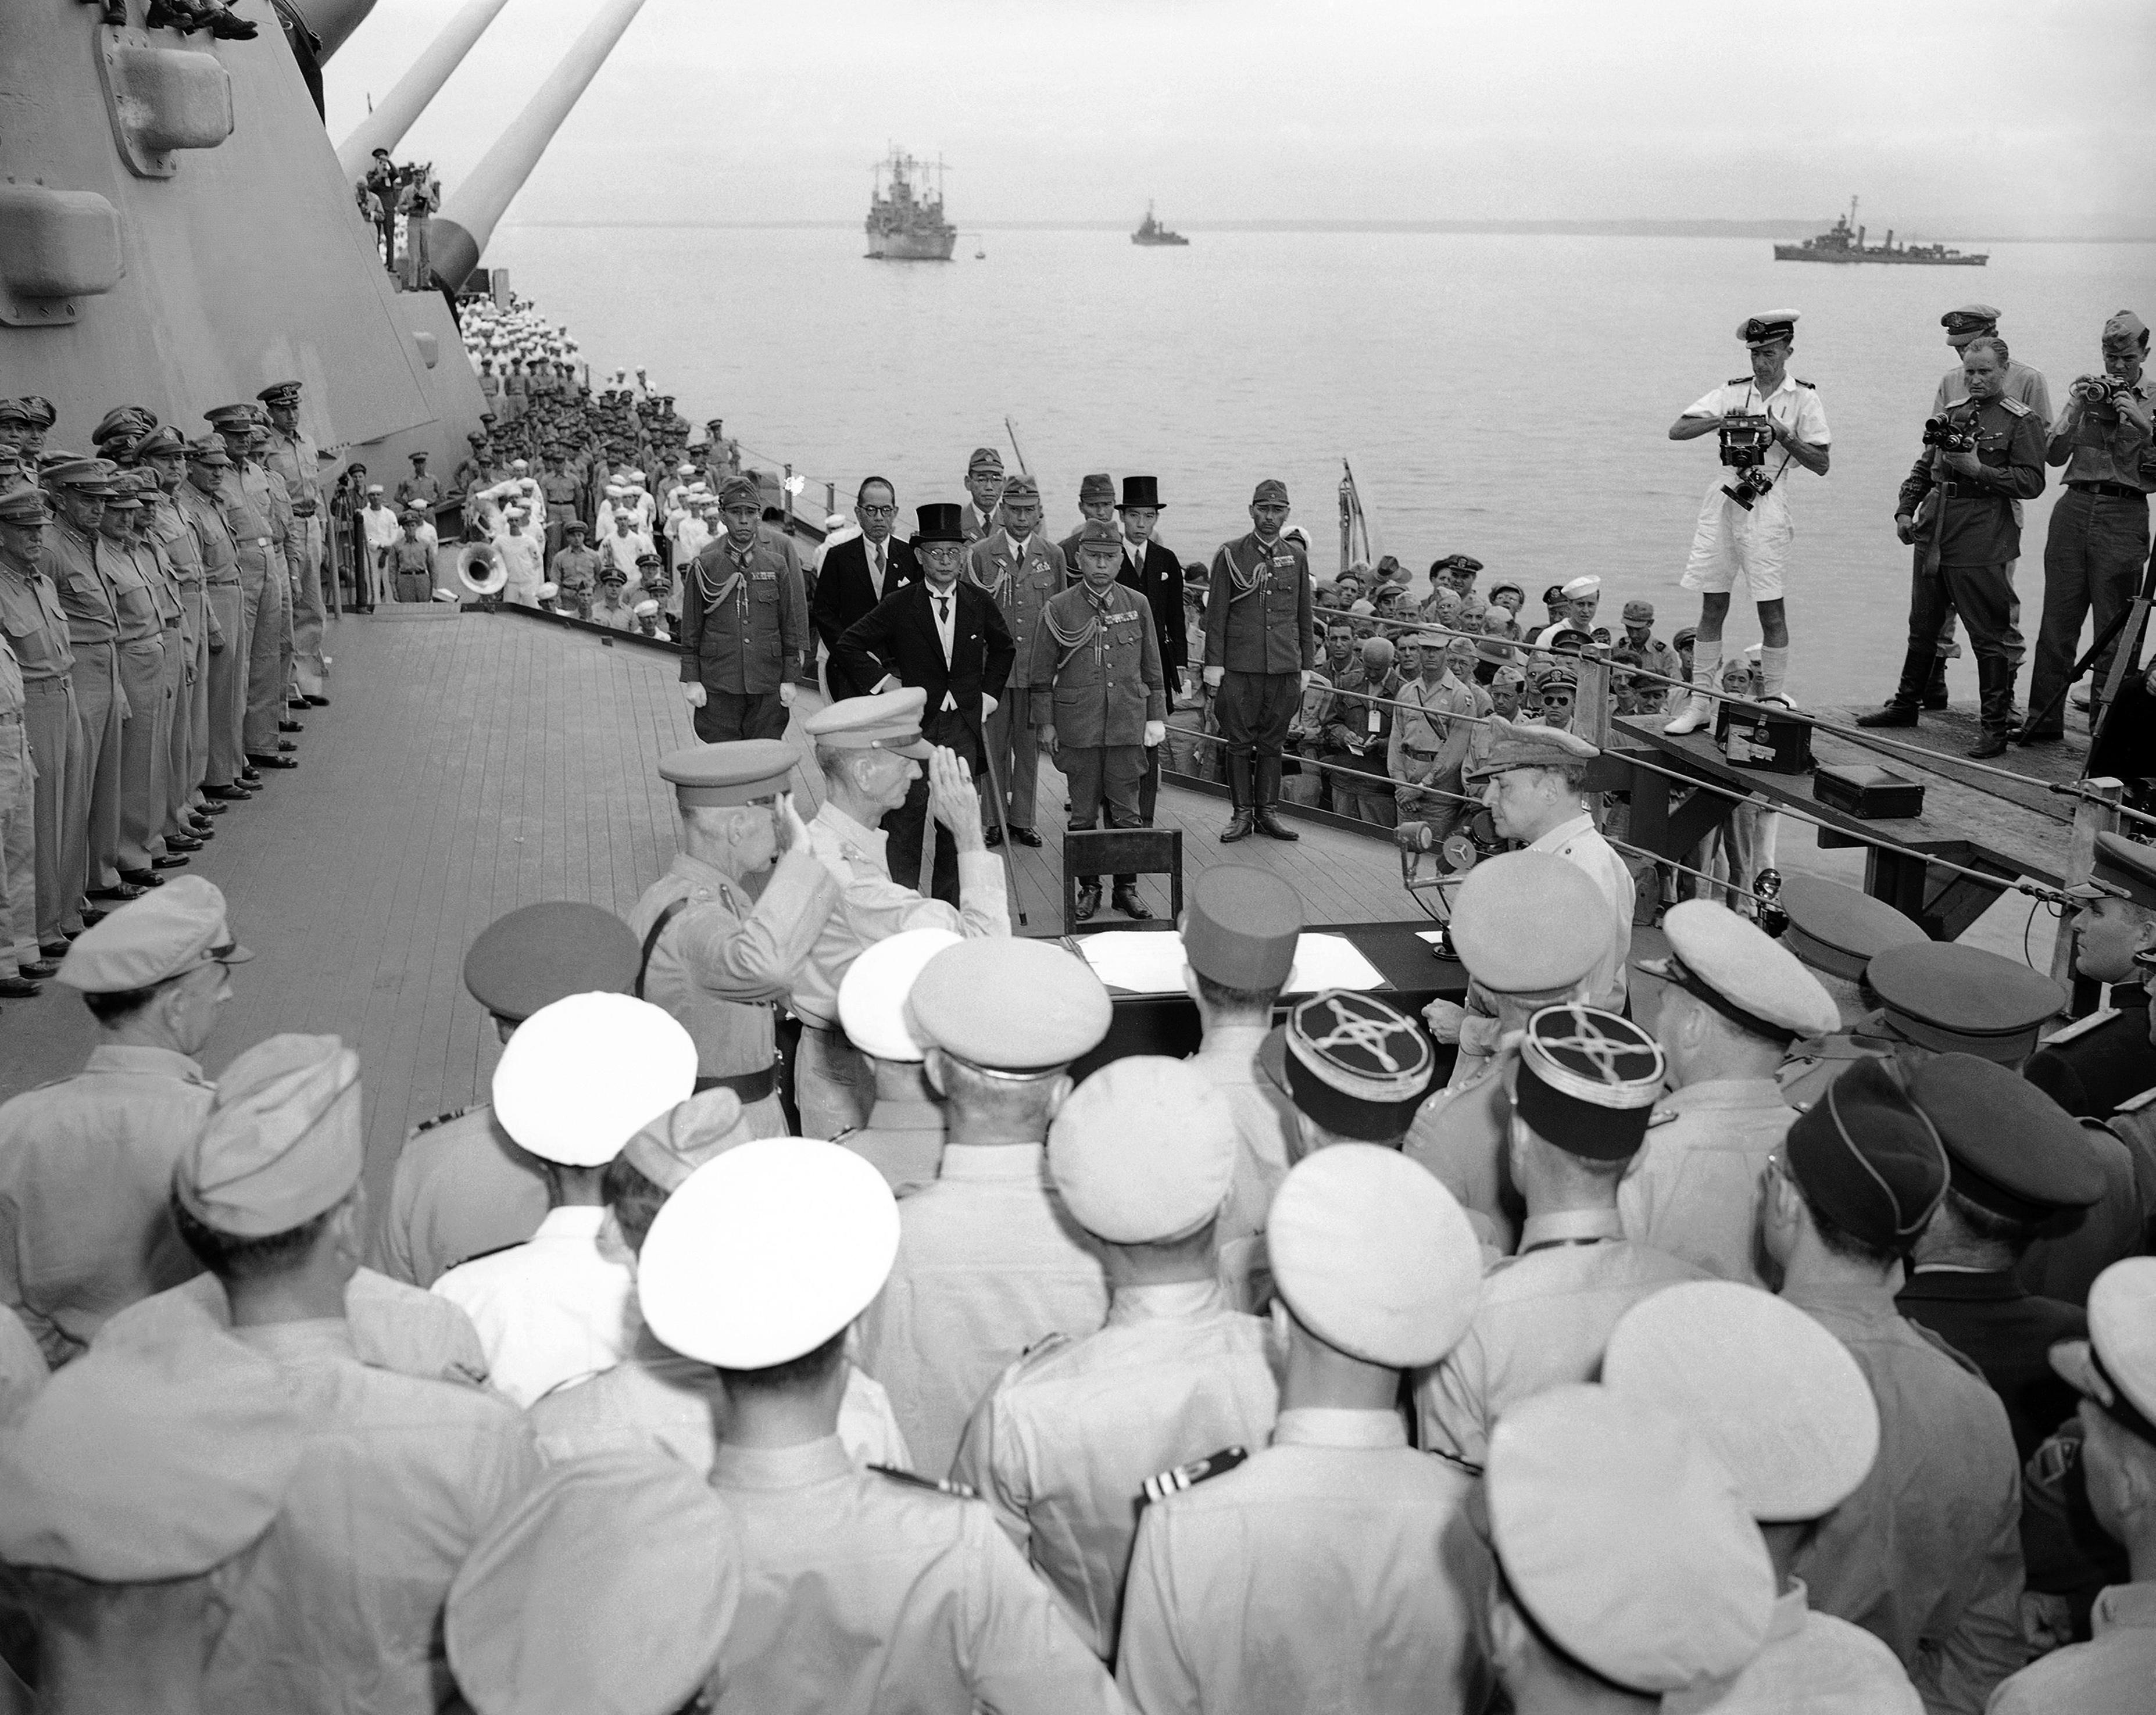 En la foto del 2 de septiembre de 1945, el Teniente General Sir Arthur Percivalyel Teniente General Jonathan M. Wainwright saludan al General Douglas MacArthur antes de la firma de los últimos documentos de la rendición de Japón a bordo de la USS Missouri en la bahía de Tokio (AP Foto/Max Desfor, archivo)